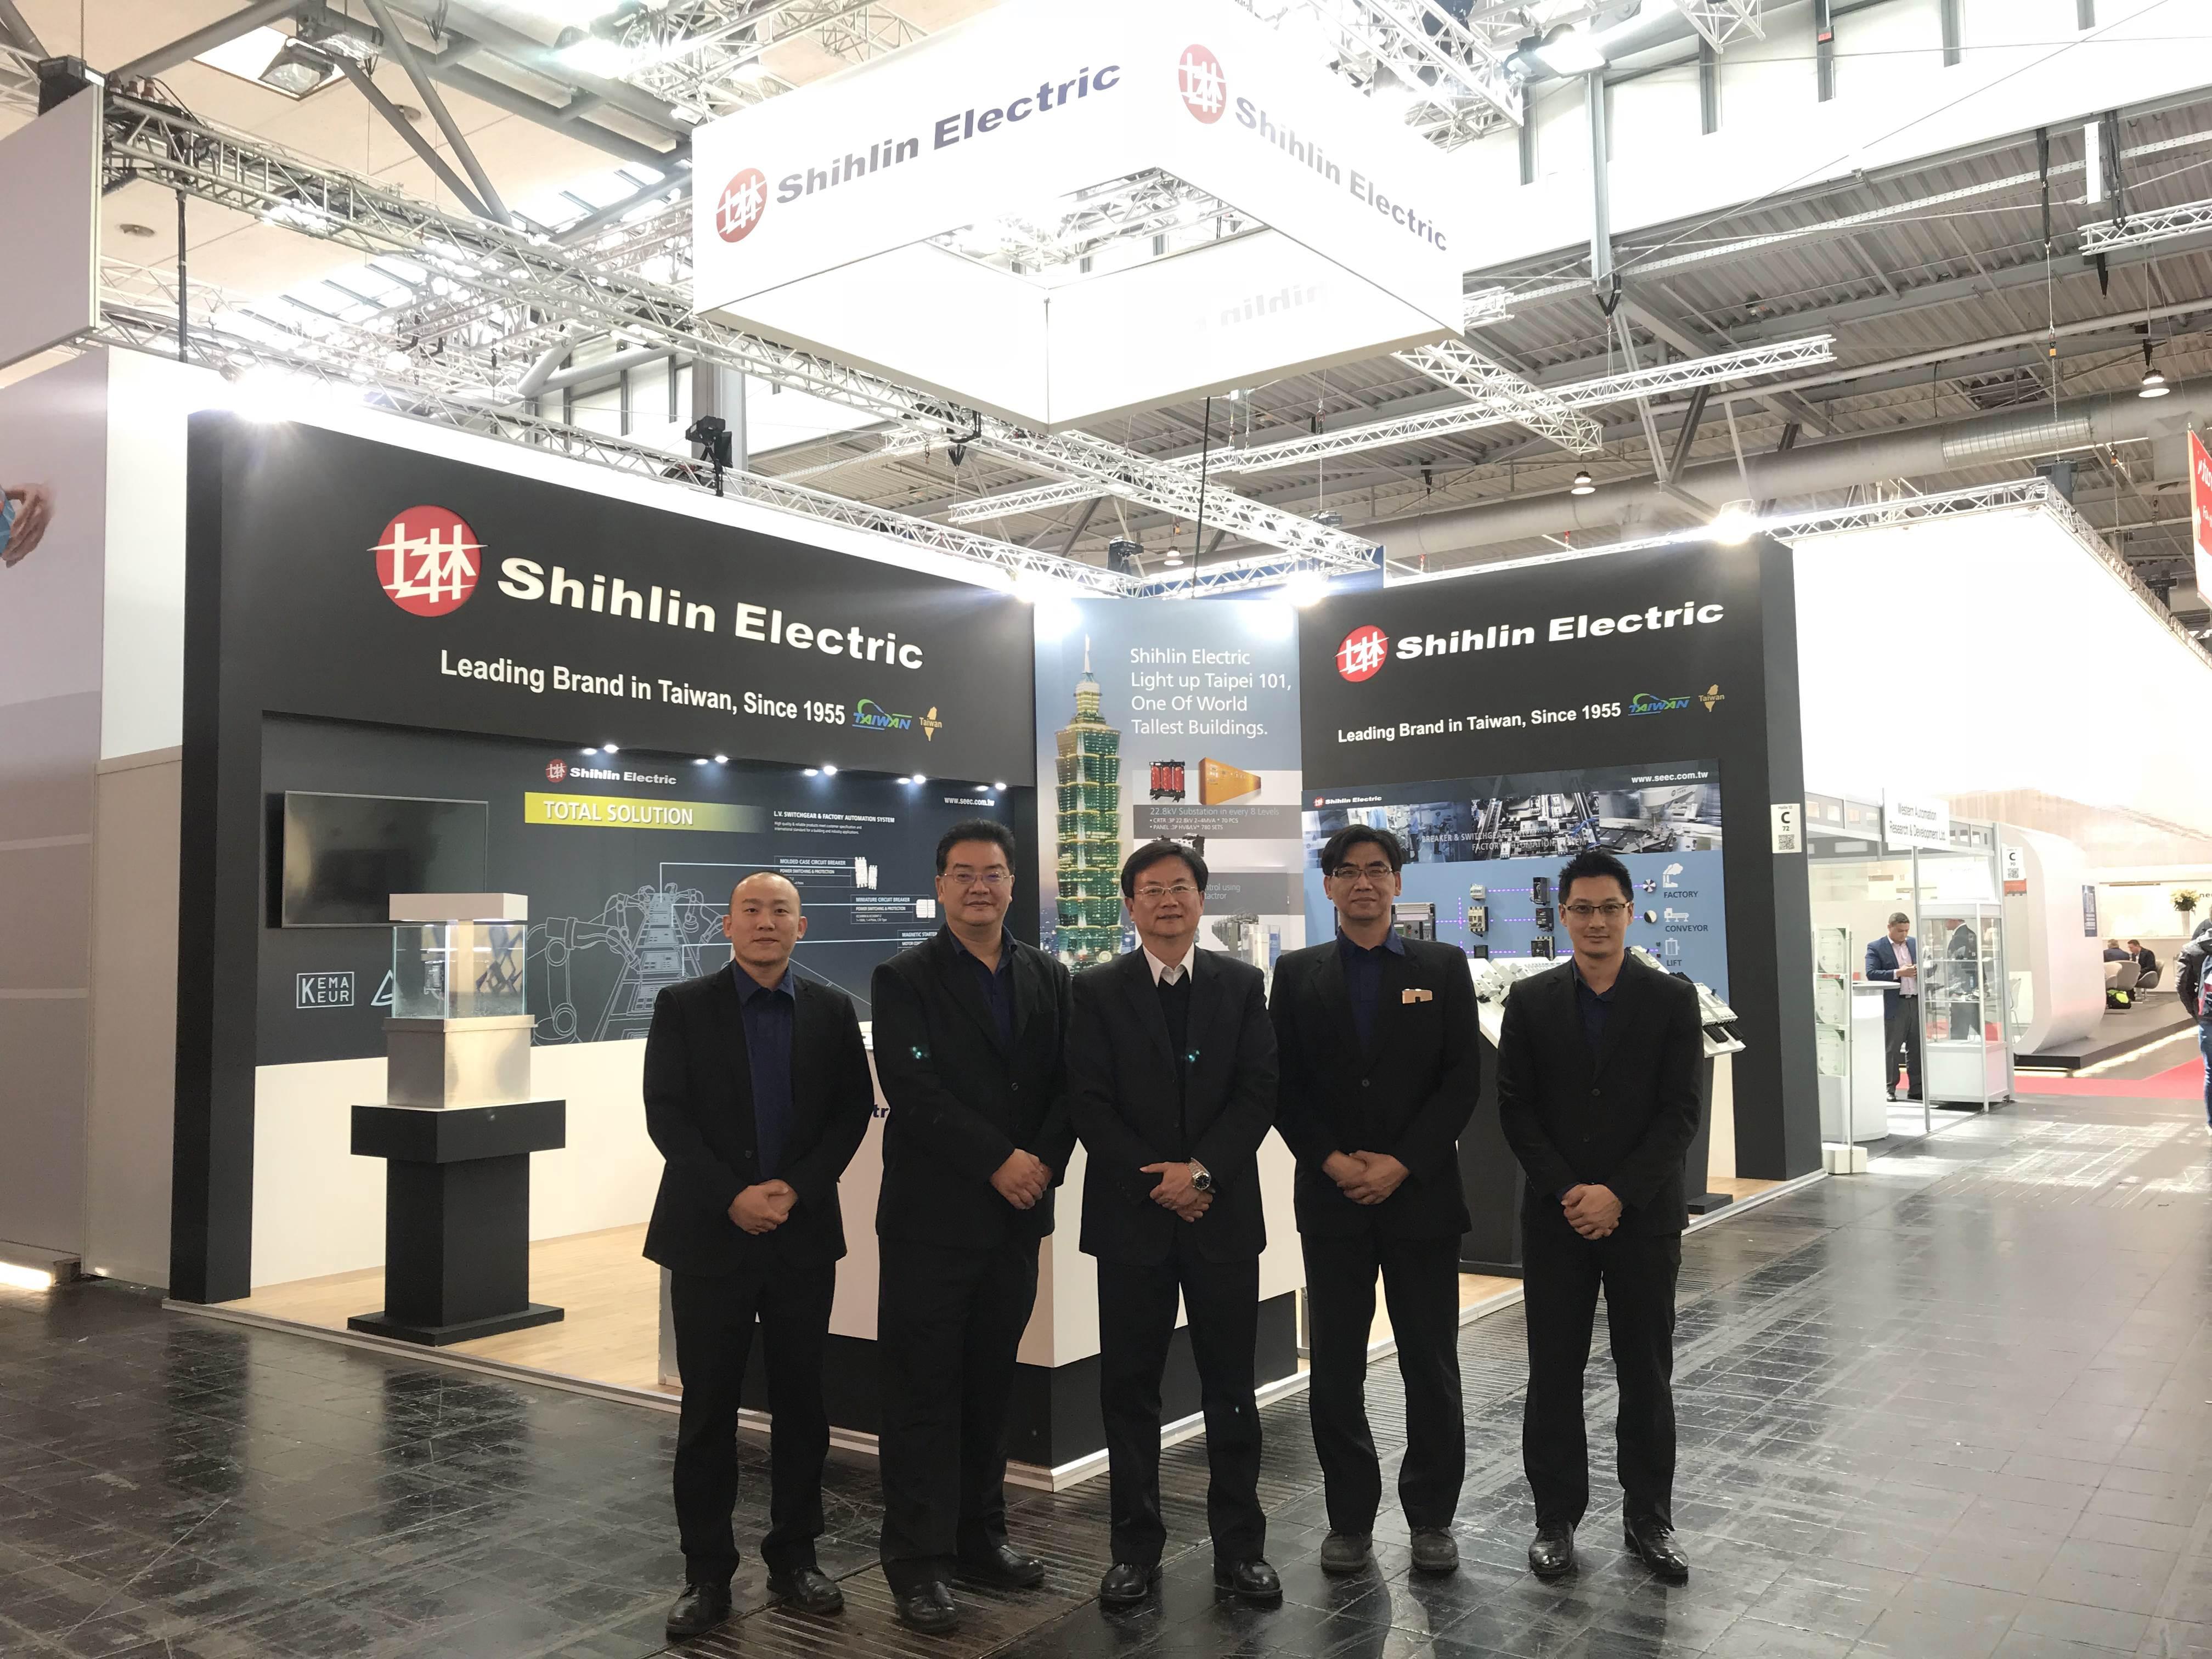 Shihlin Electric 2018 Hannover Messe'a katıl